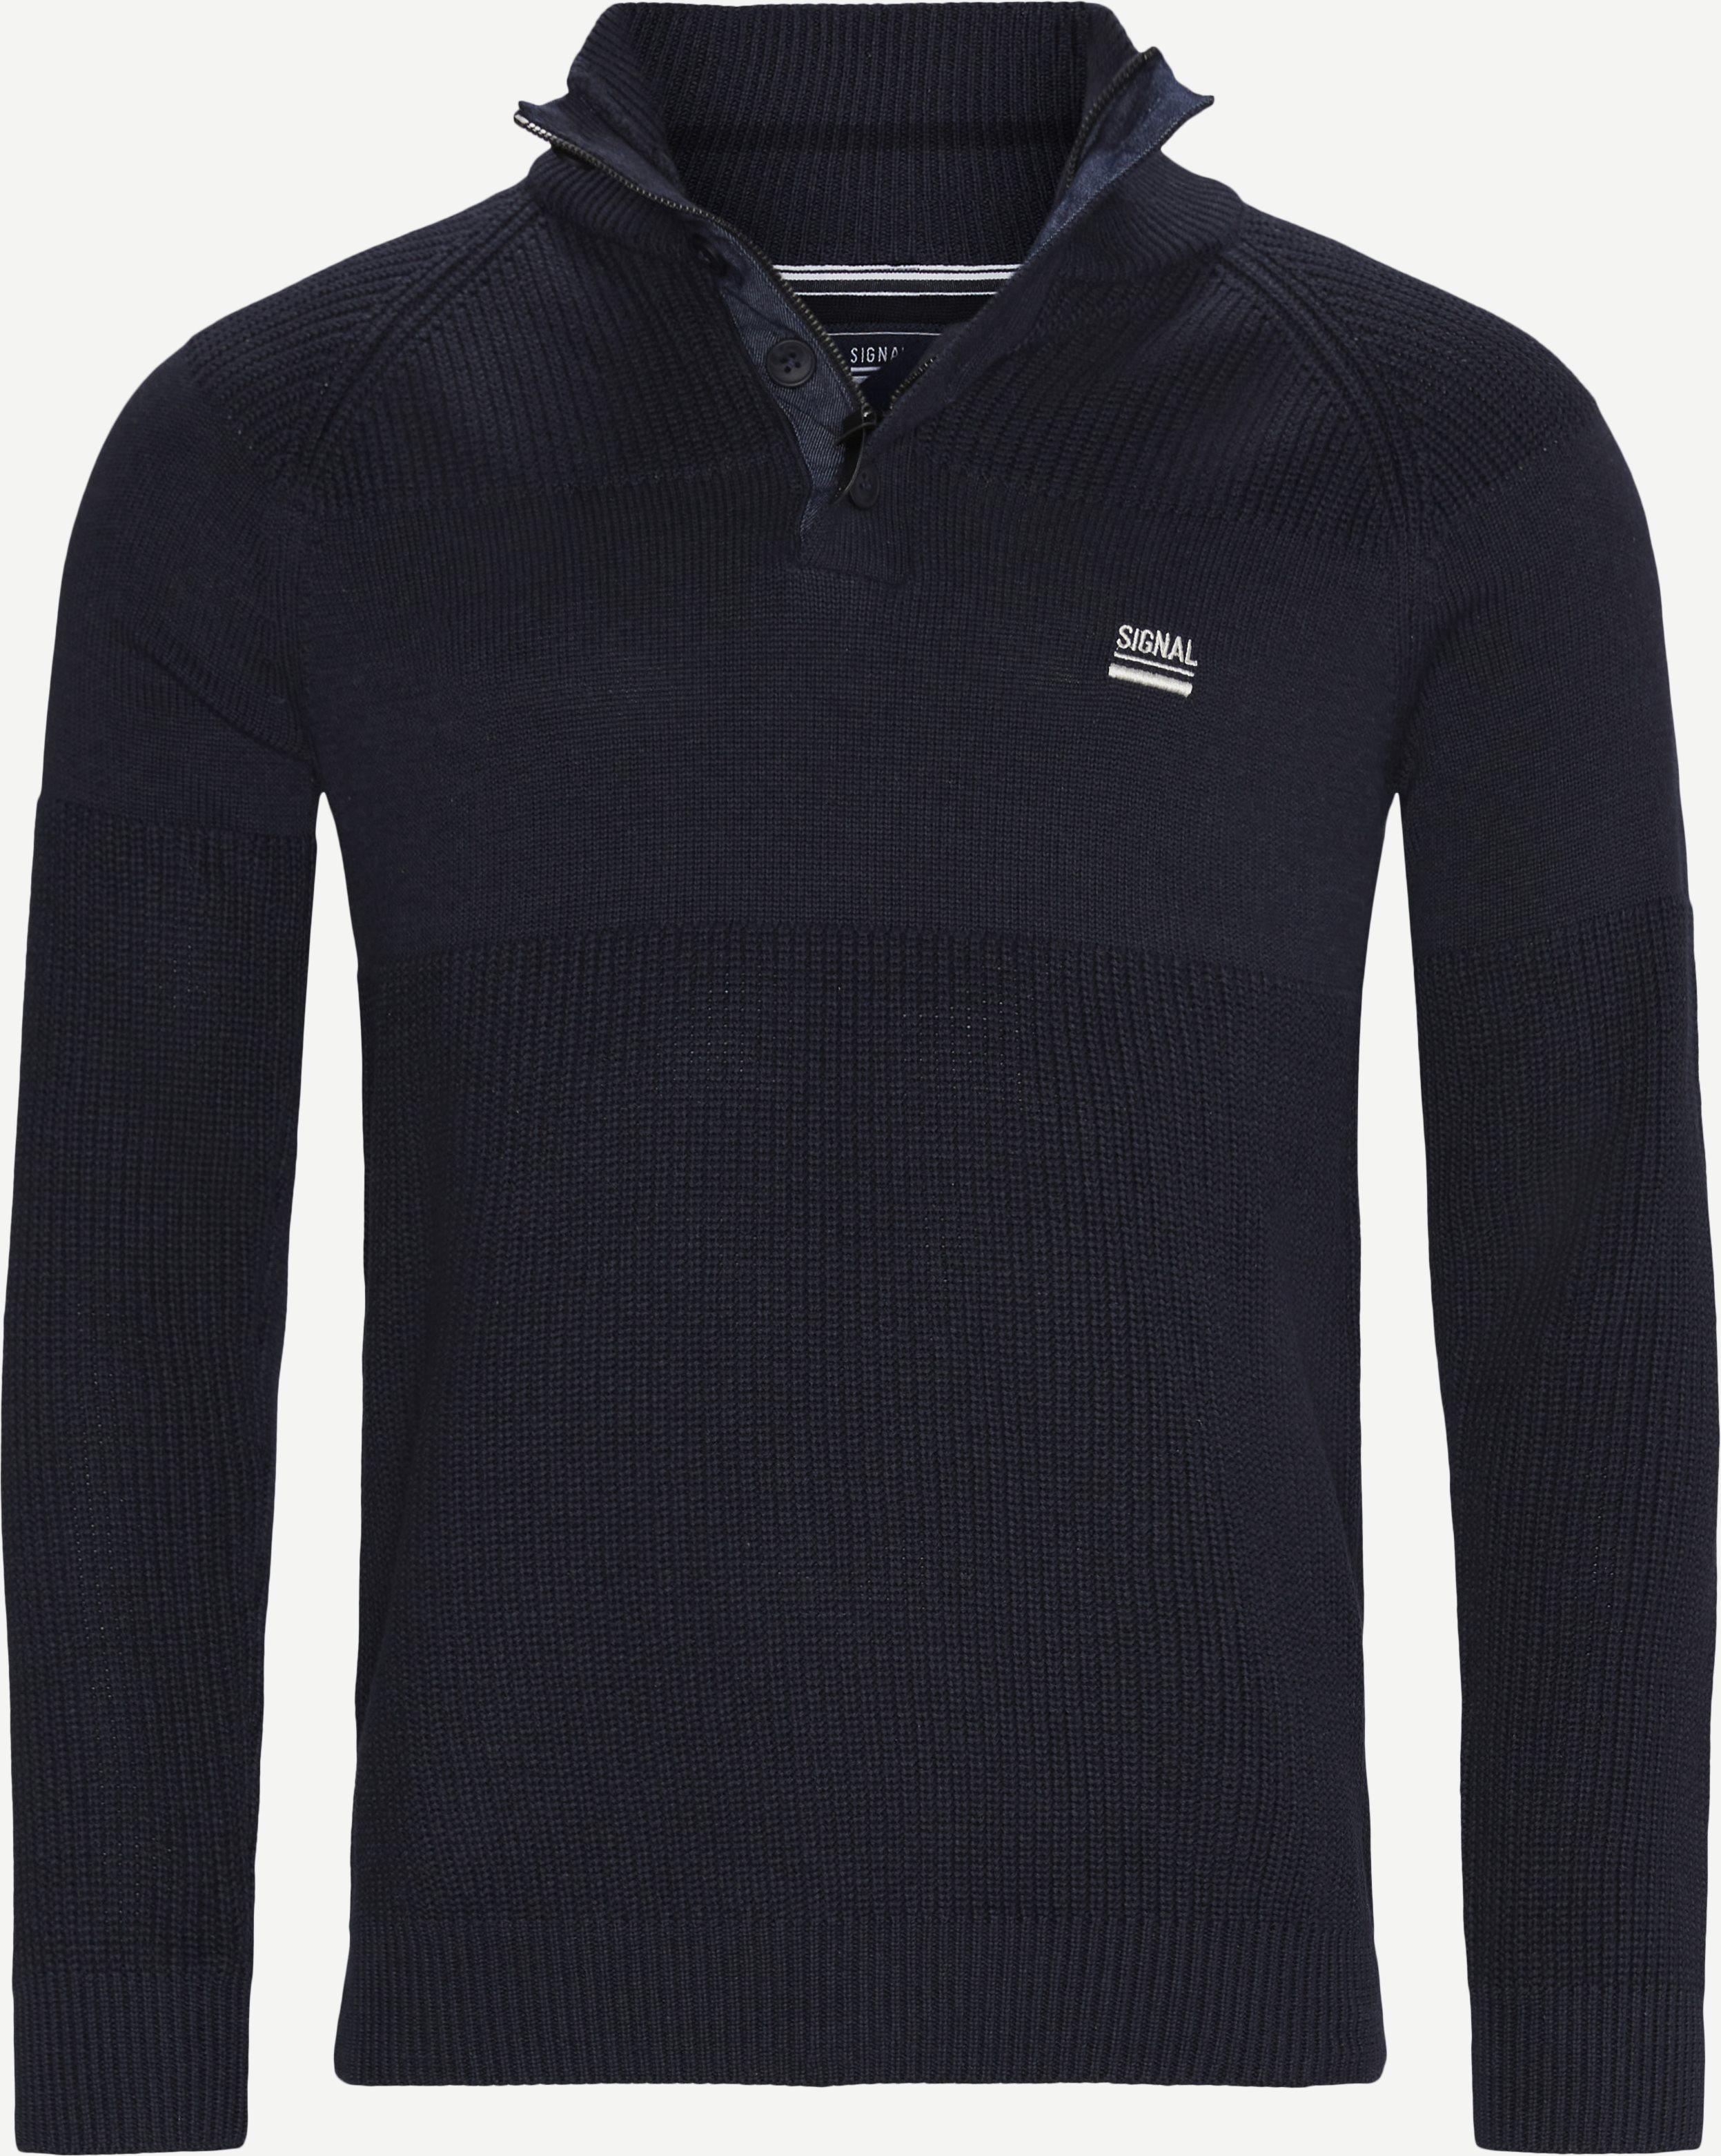 Stan Half-Zip Sweater  - Stickat - Regular - Denim